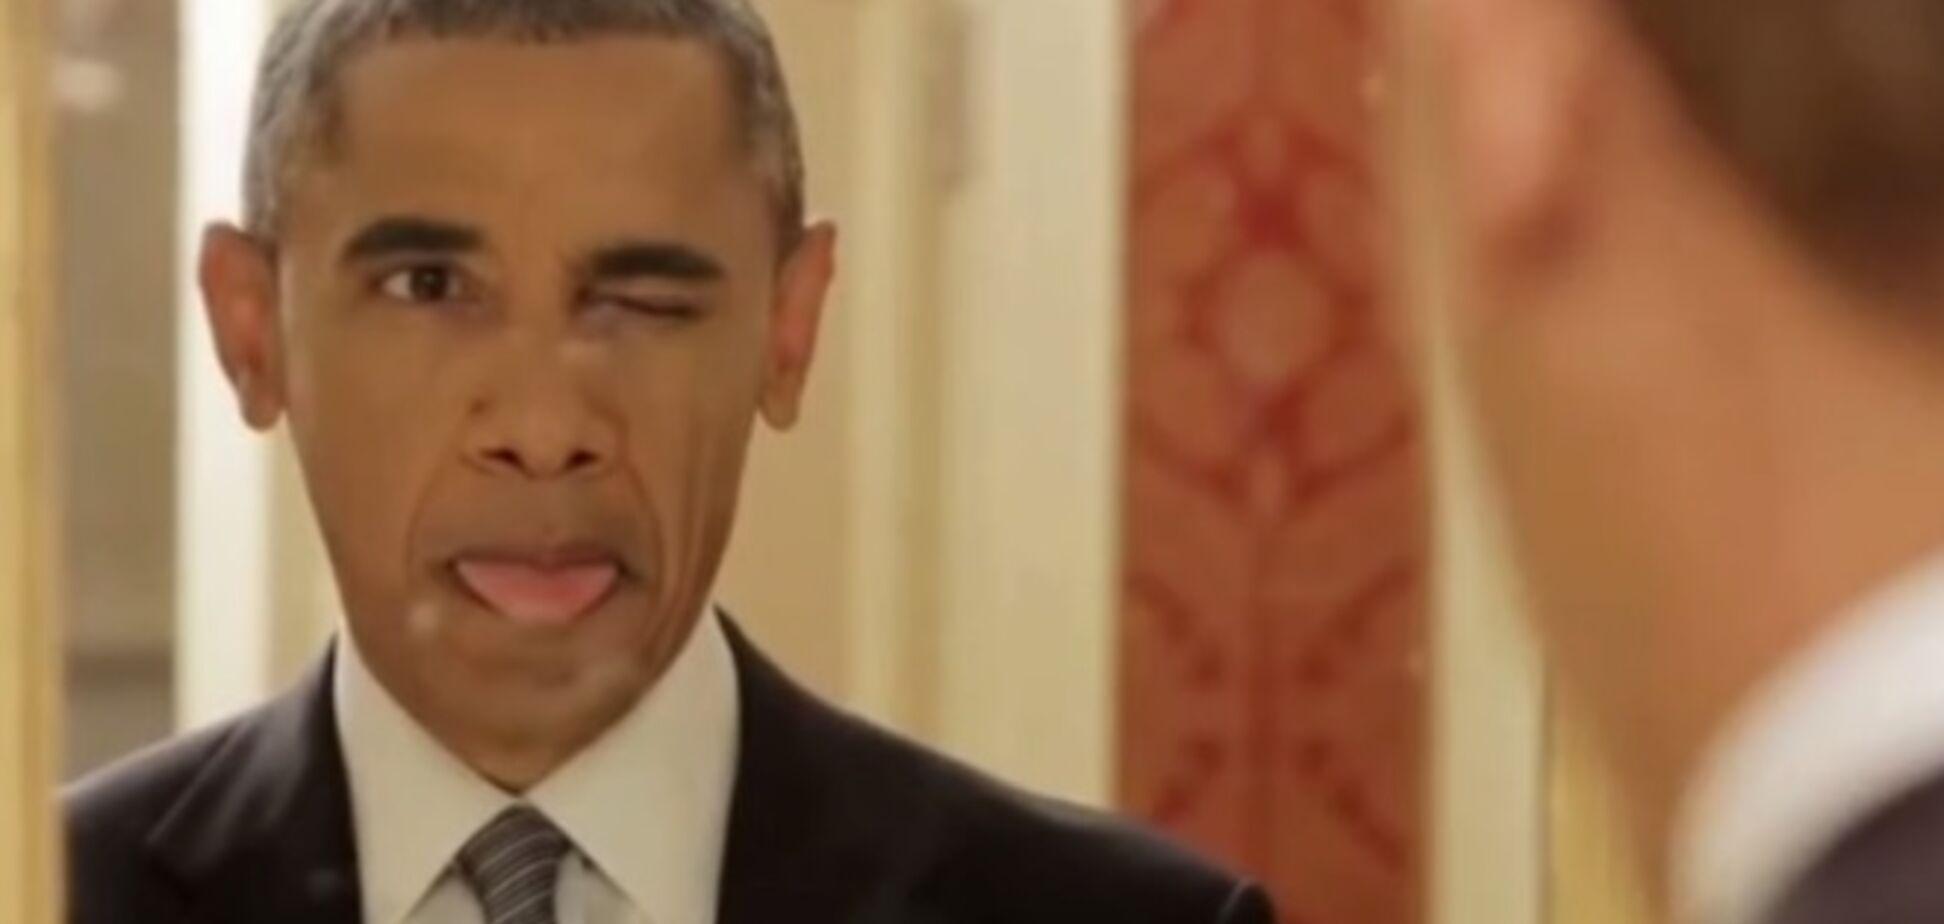 Обама покривлялся перед зеркалом, сделал селфи и нарисовал супругу. Видеофакт